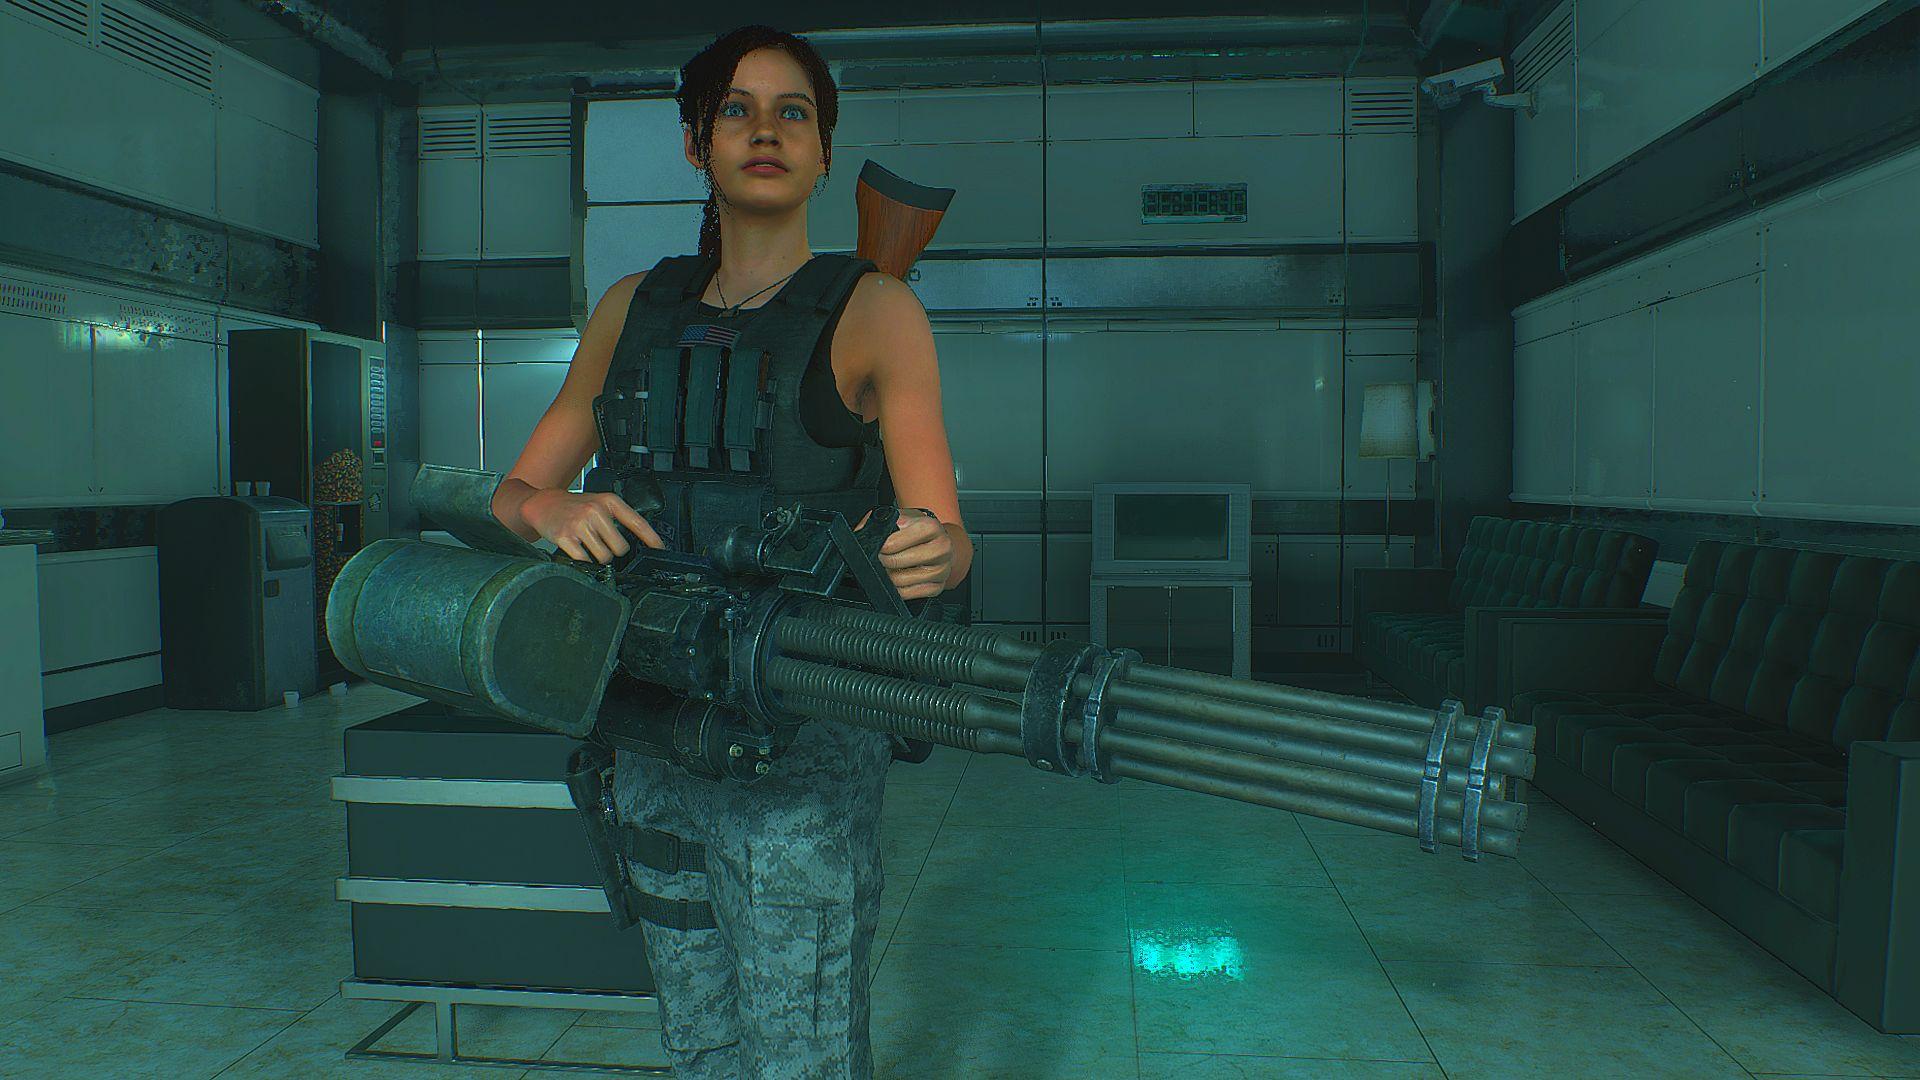 000203.Jpg - Resident Evil 2